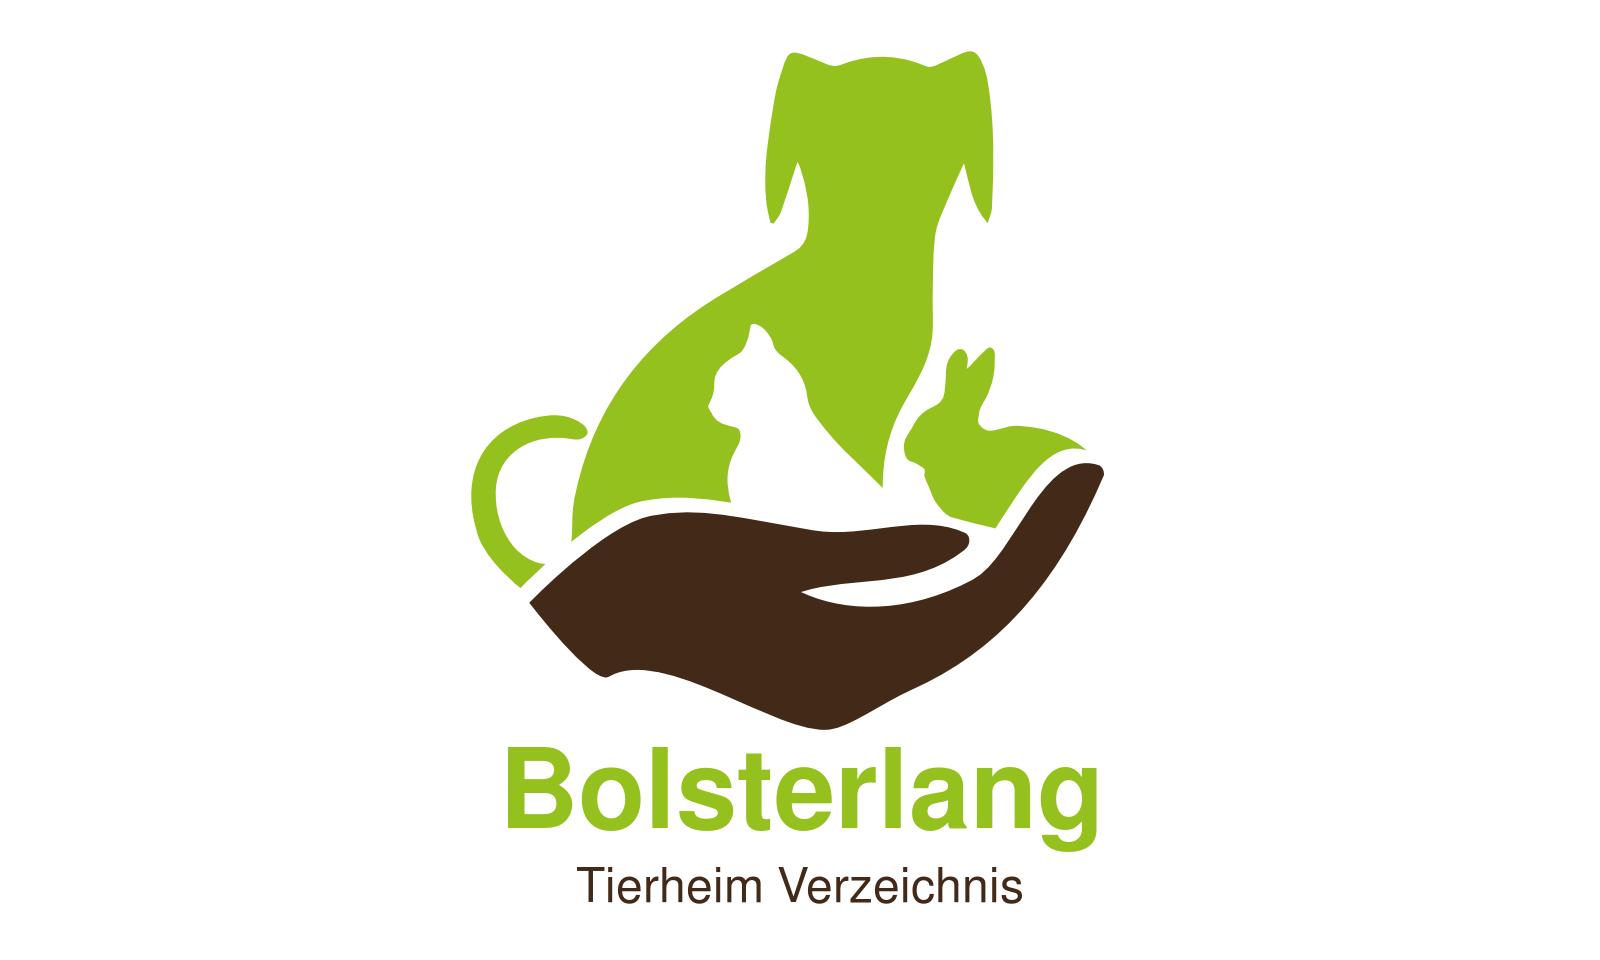 Tierheim Bolsterlang